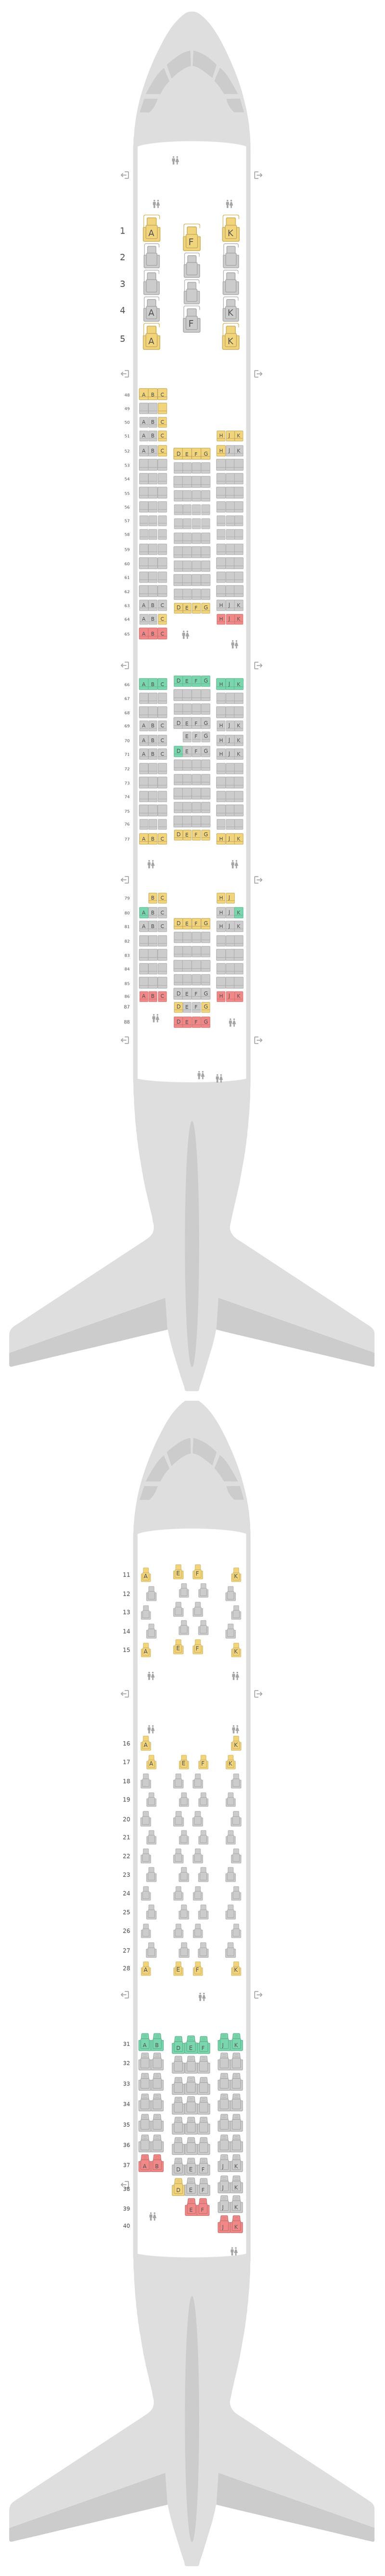 Mapa de asientos Airbus A380-800 (388) v2 Qantas